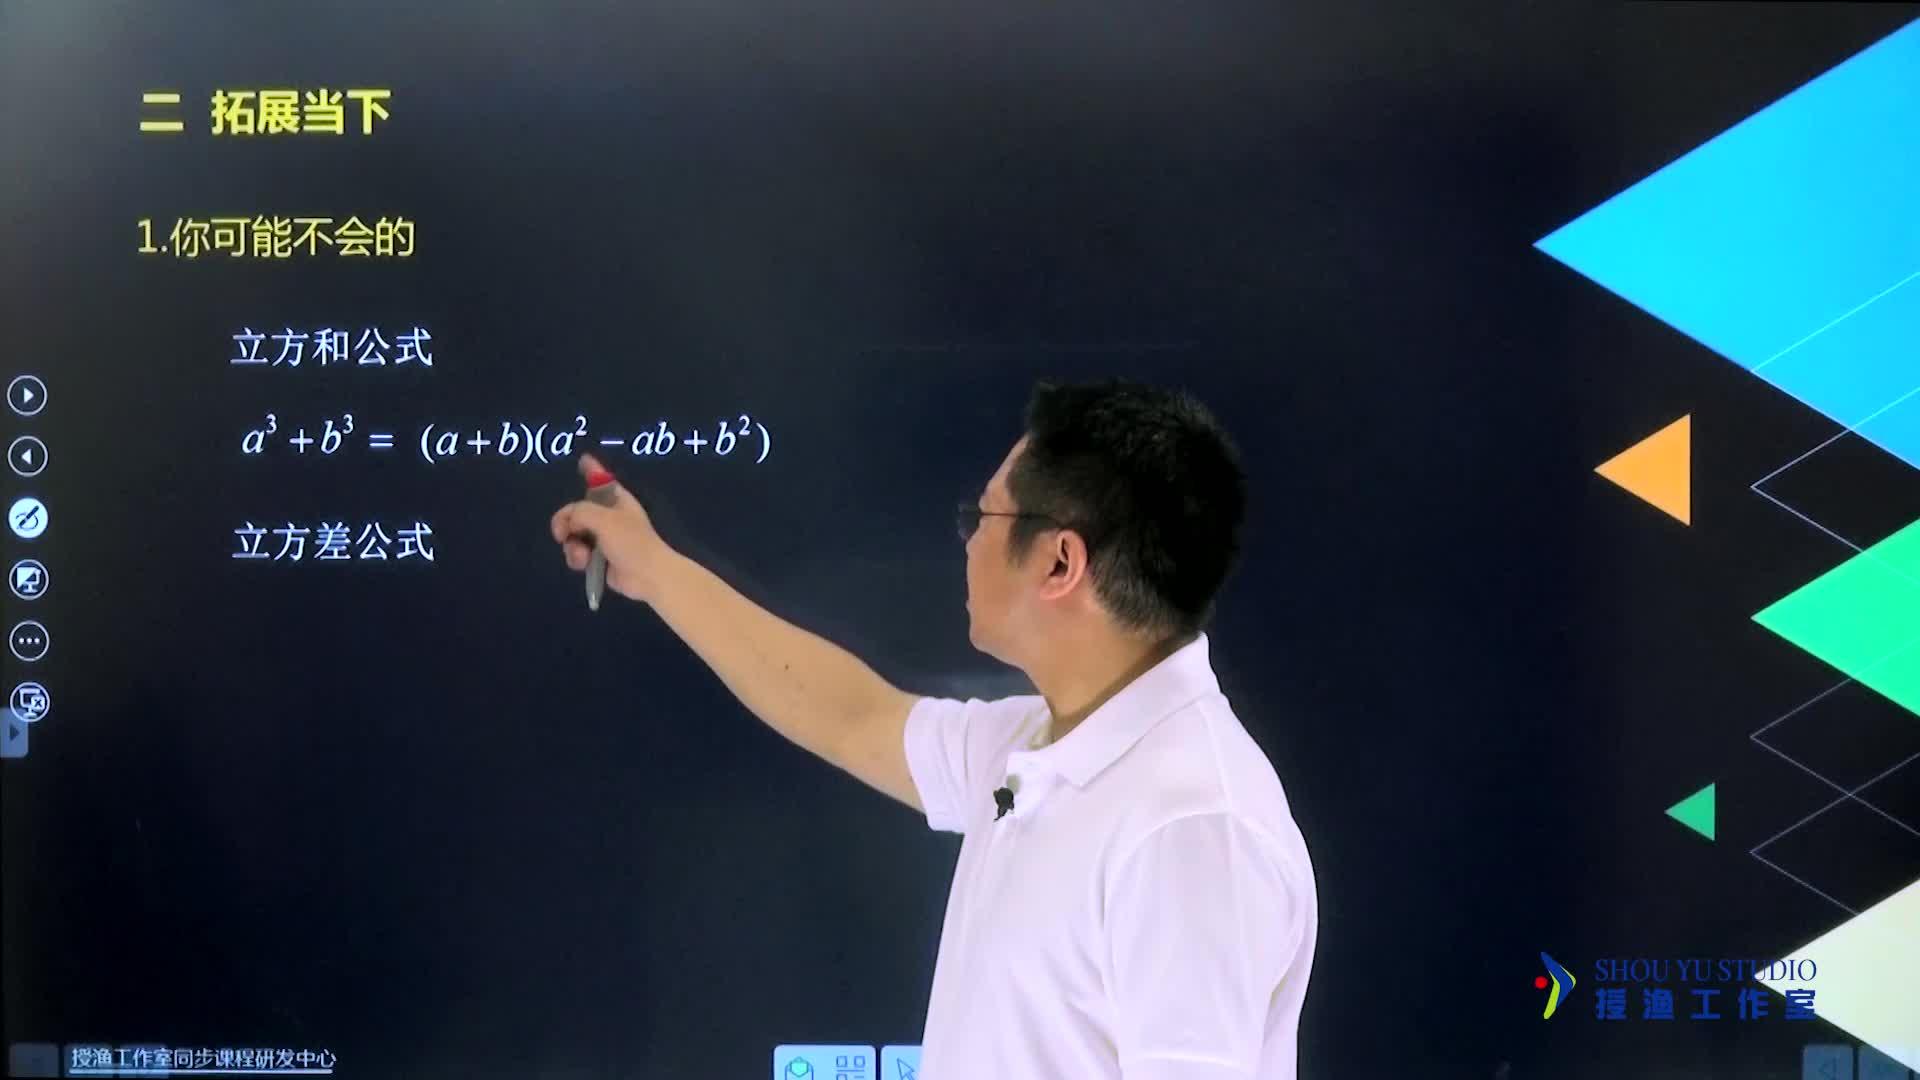 視頻1.2 因式分解的再認識  拓展當下-2019年《初高中銜接課》教材數學